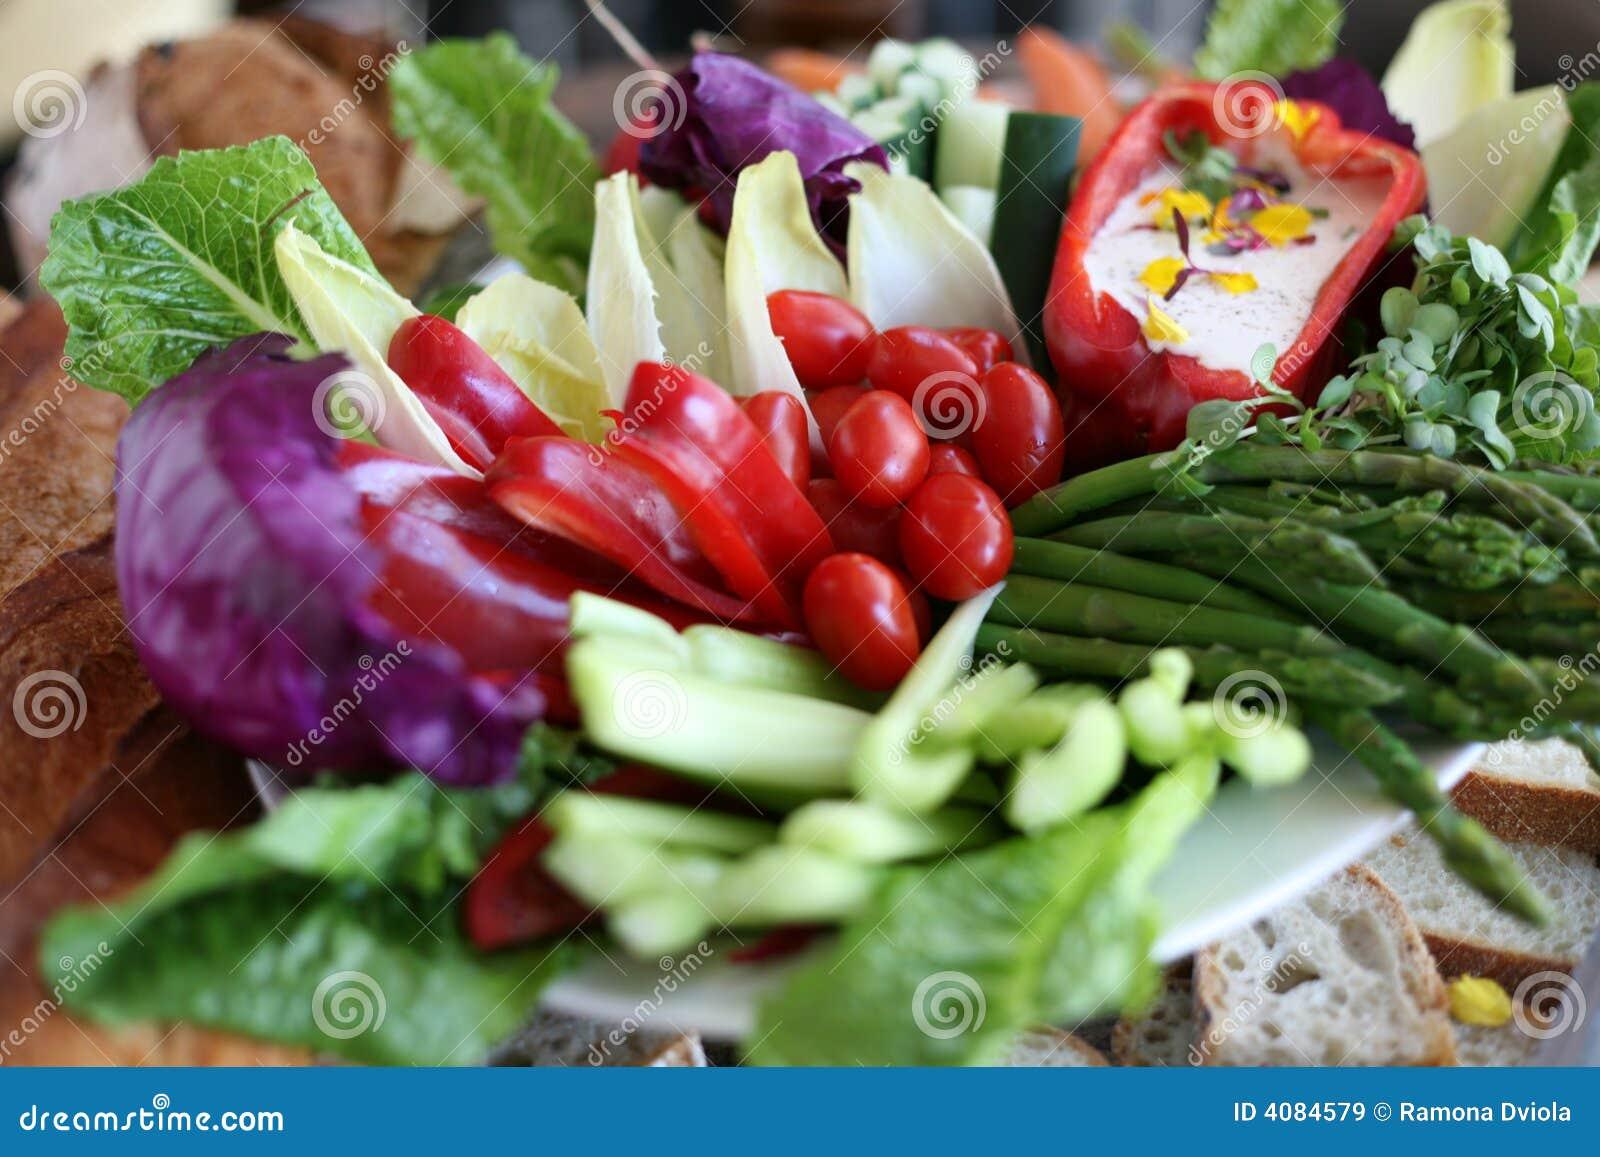 Fresh vegetable crudite platter